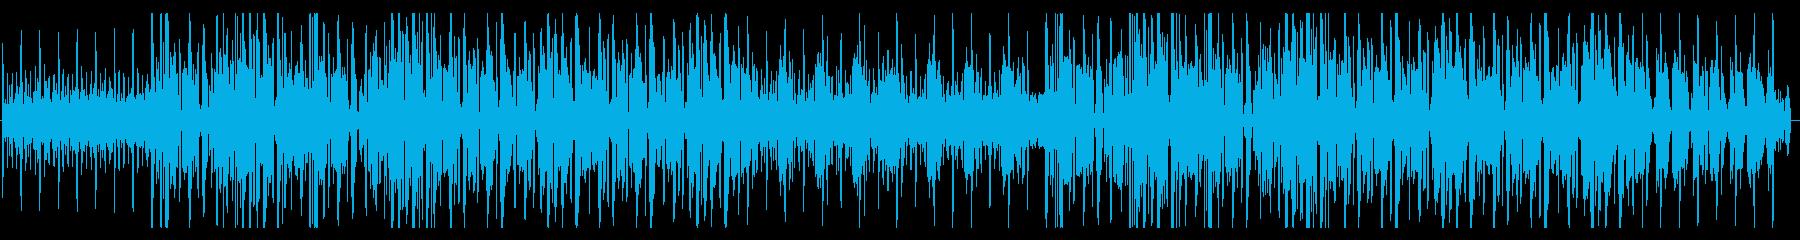 ドリーミーなシンセウェイヴの再生済みの波形